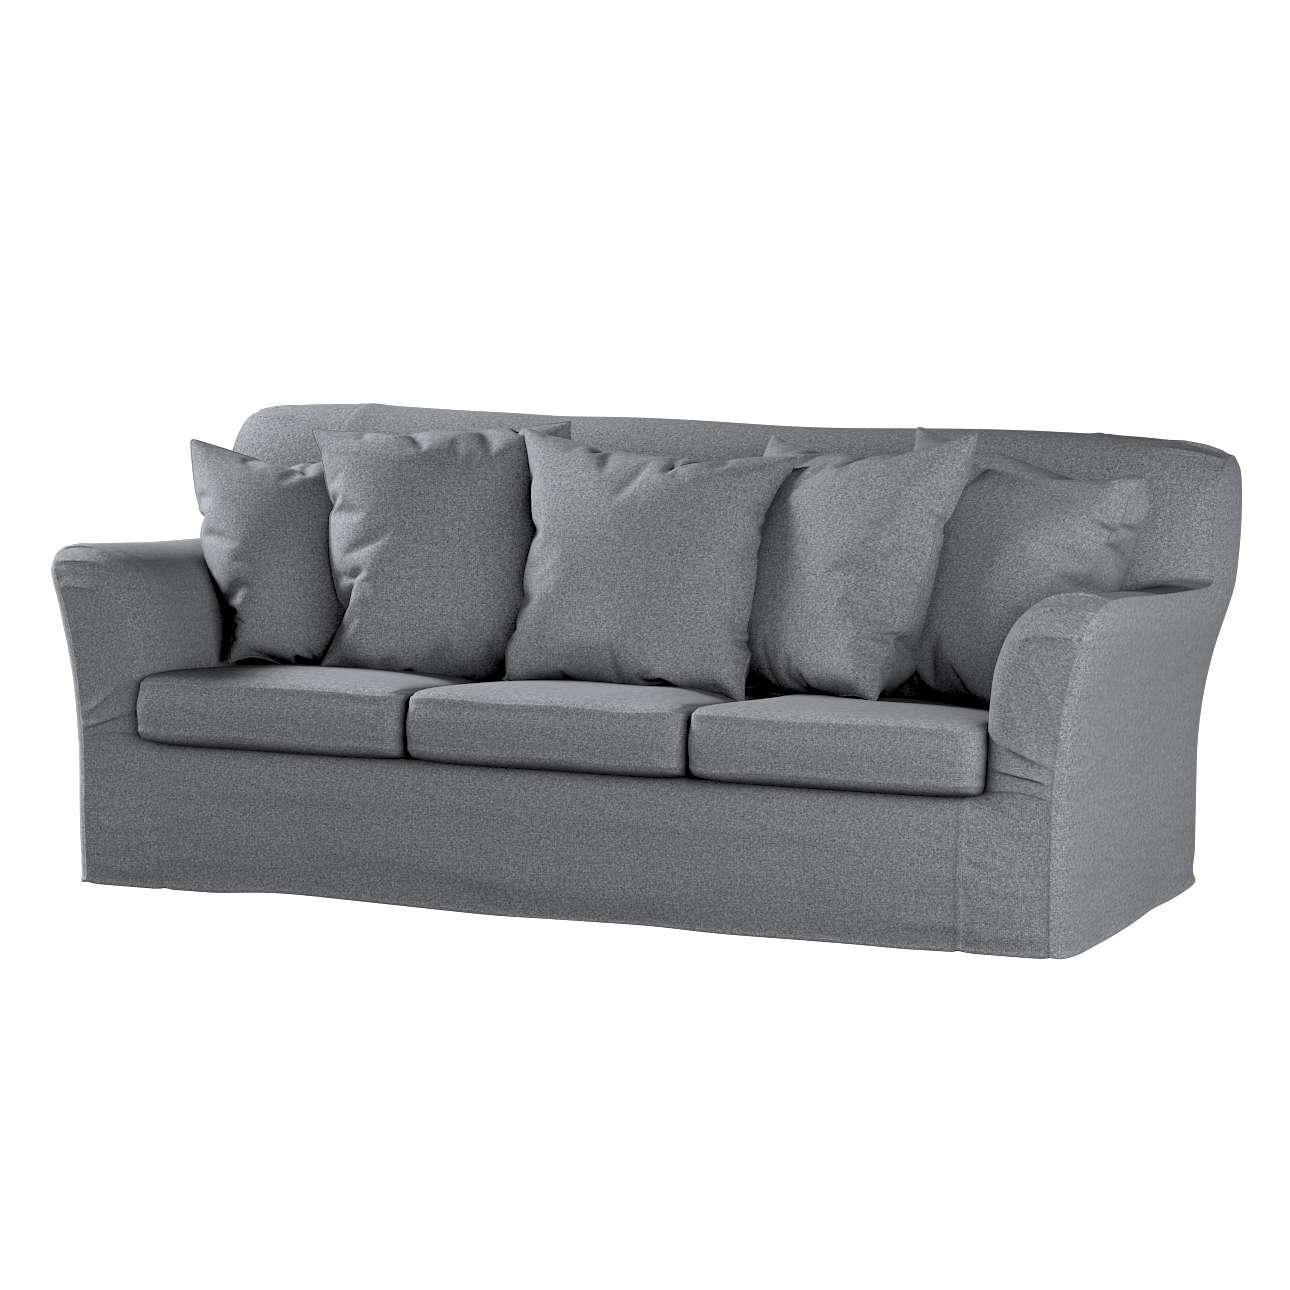 Pokrowiec na sofę Tomelilla 3-osobową nierozkładaną w kolekcji Amsterdam, tkanina: 704-47